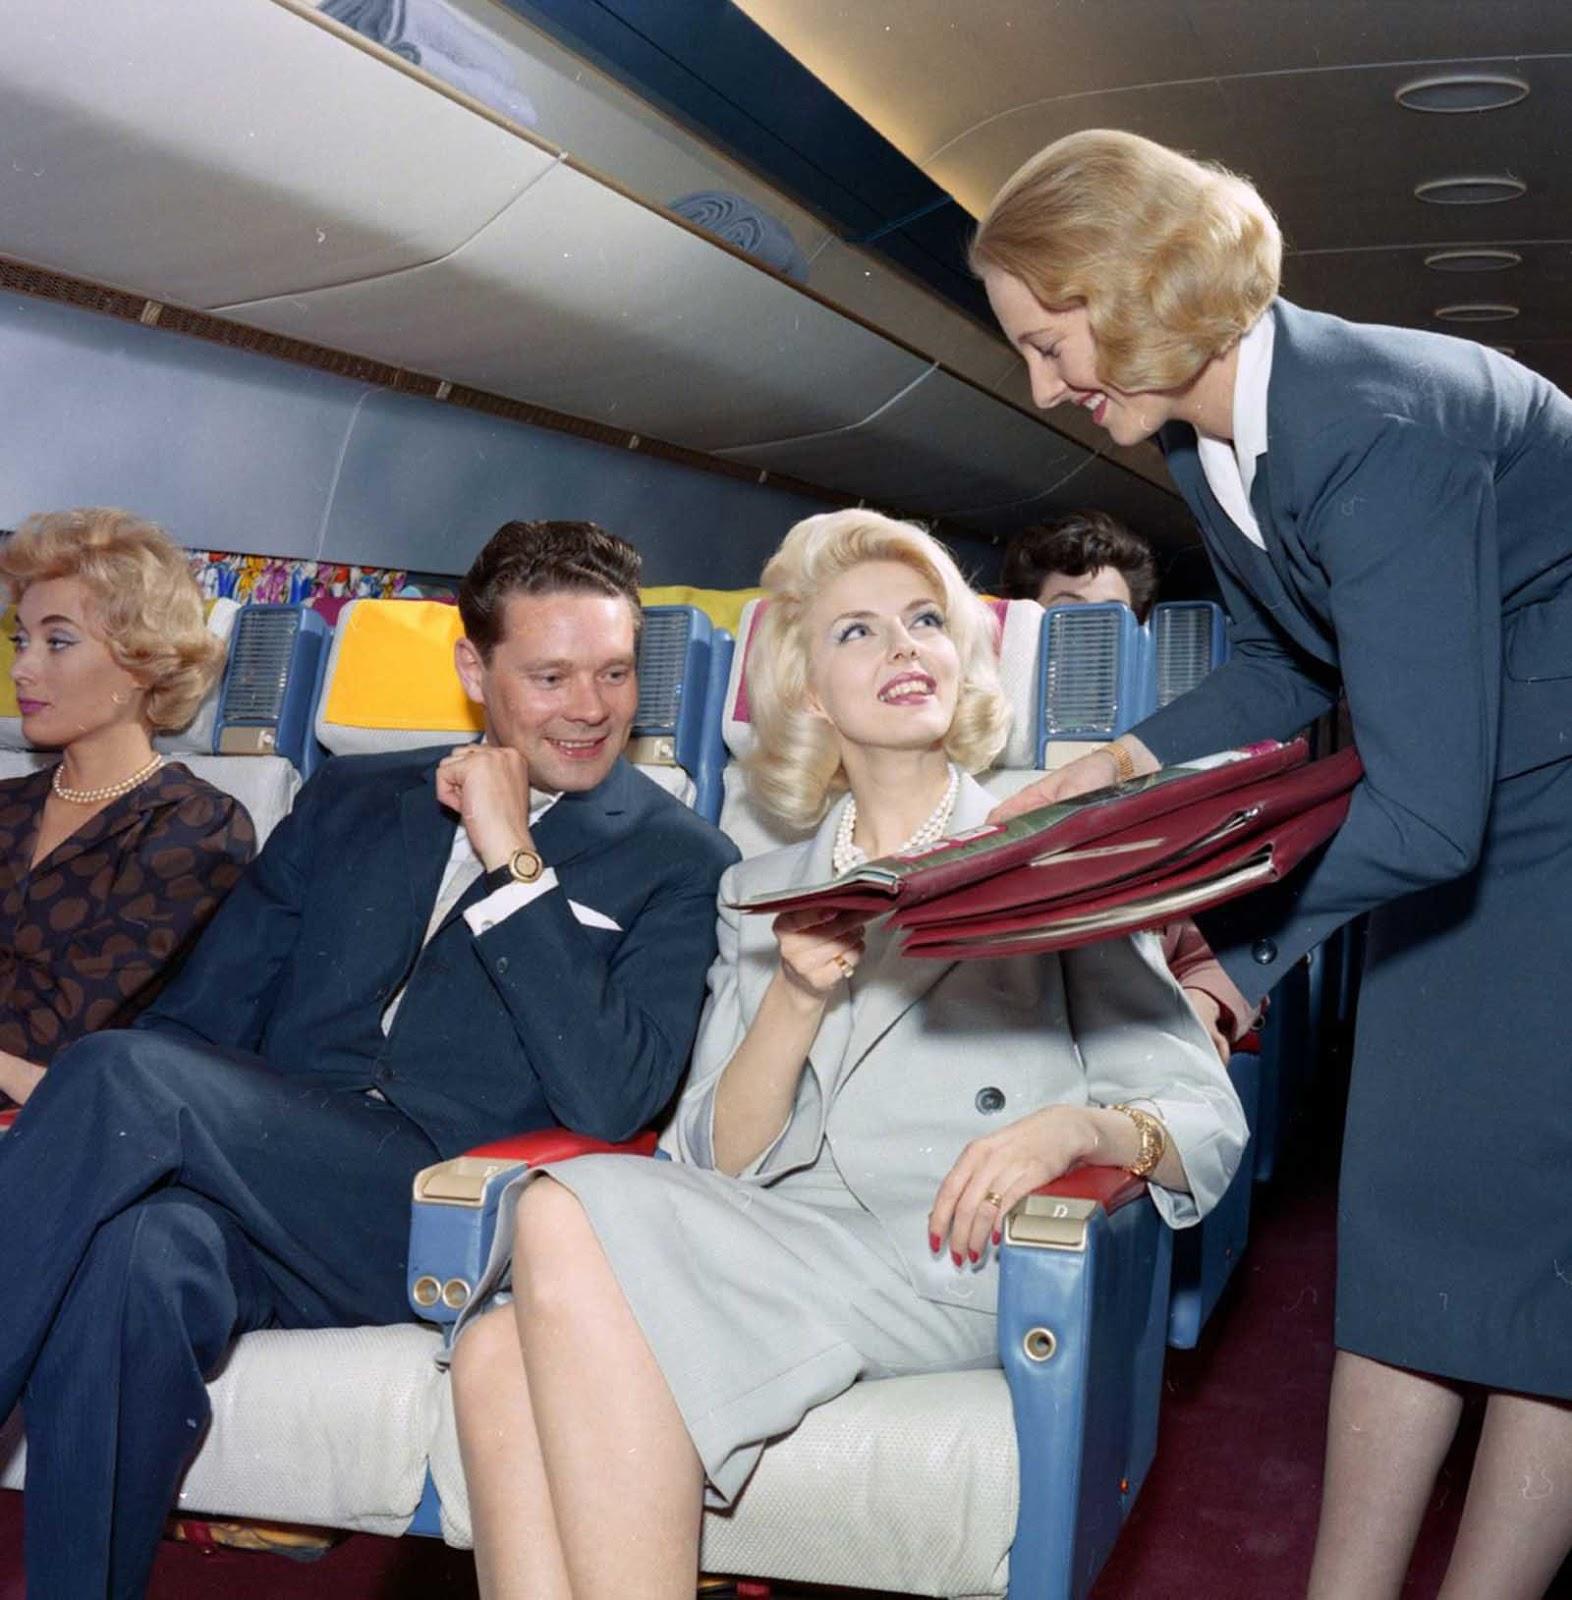 Em meados da década de 1960, uma aeromoça com penteado de alta moda traz o cardápio.